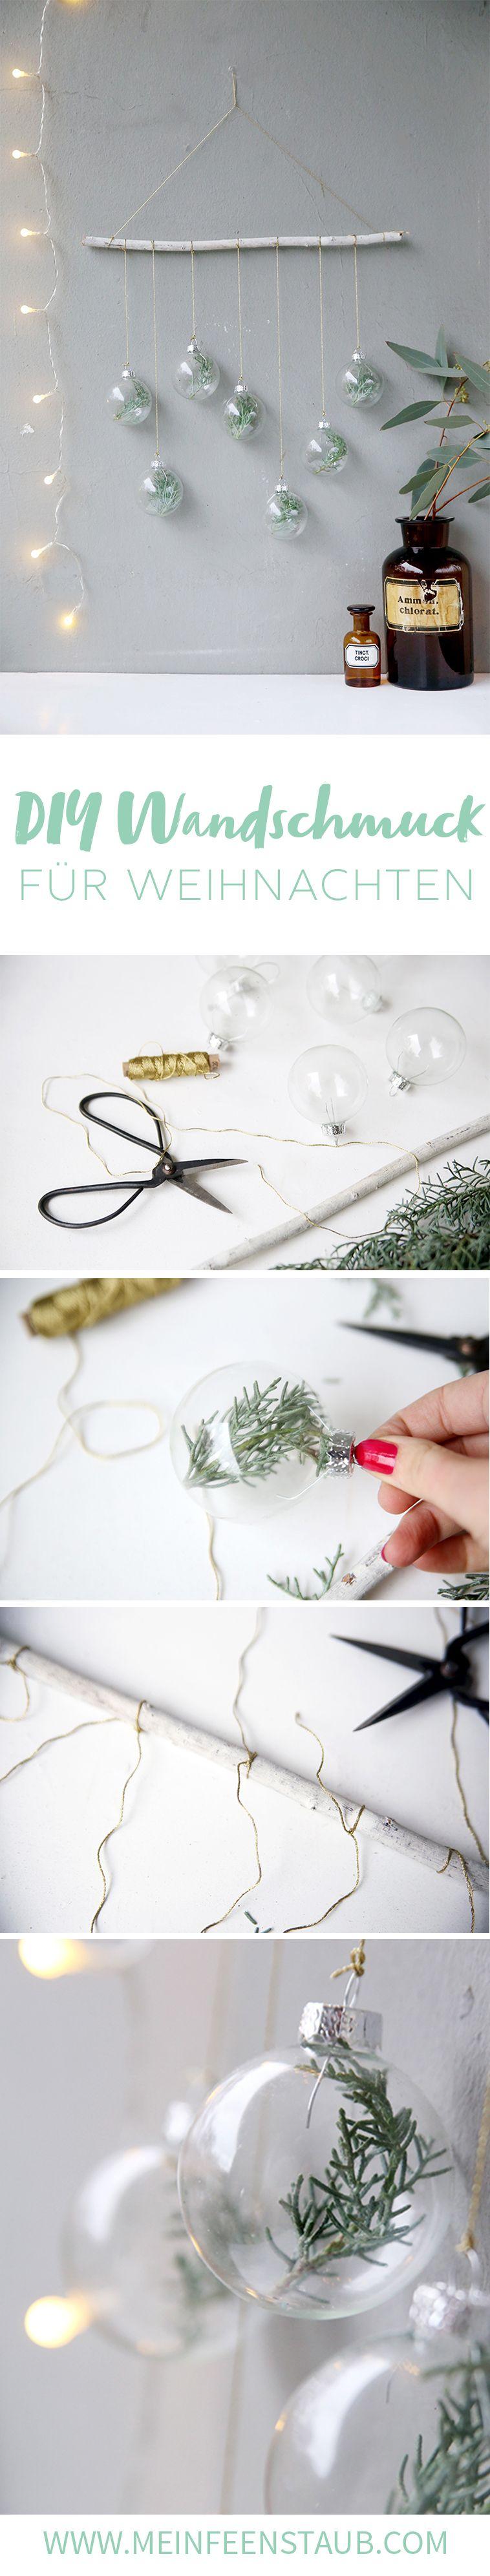 diyblogging under the mistletoe weihnachtlicher wandschmuck mit tannen kugeln - Diy Weihnachtsdeko Blog